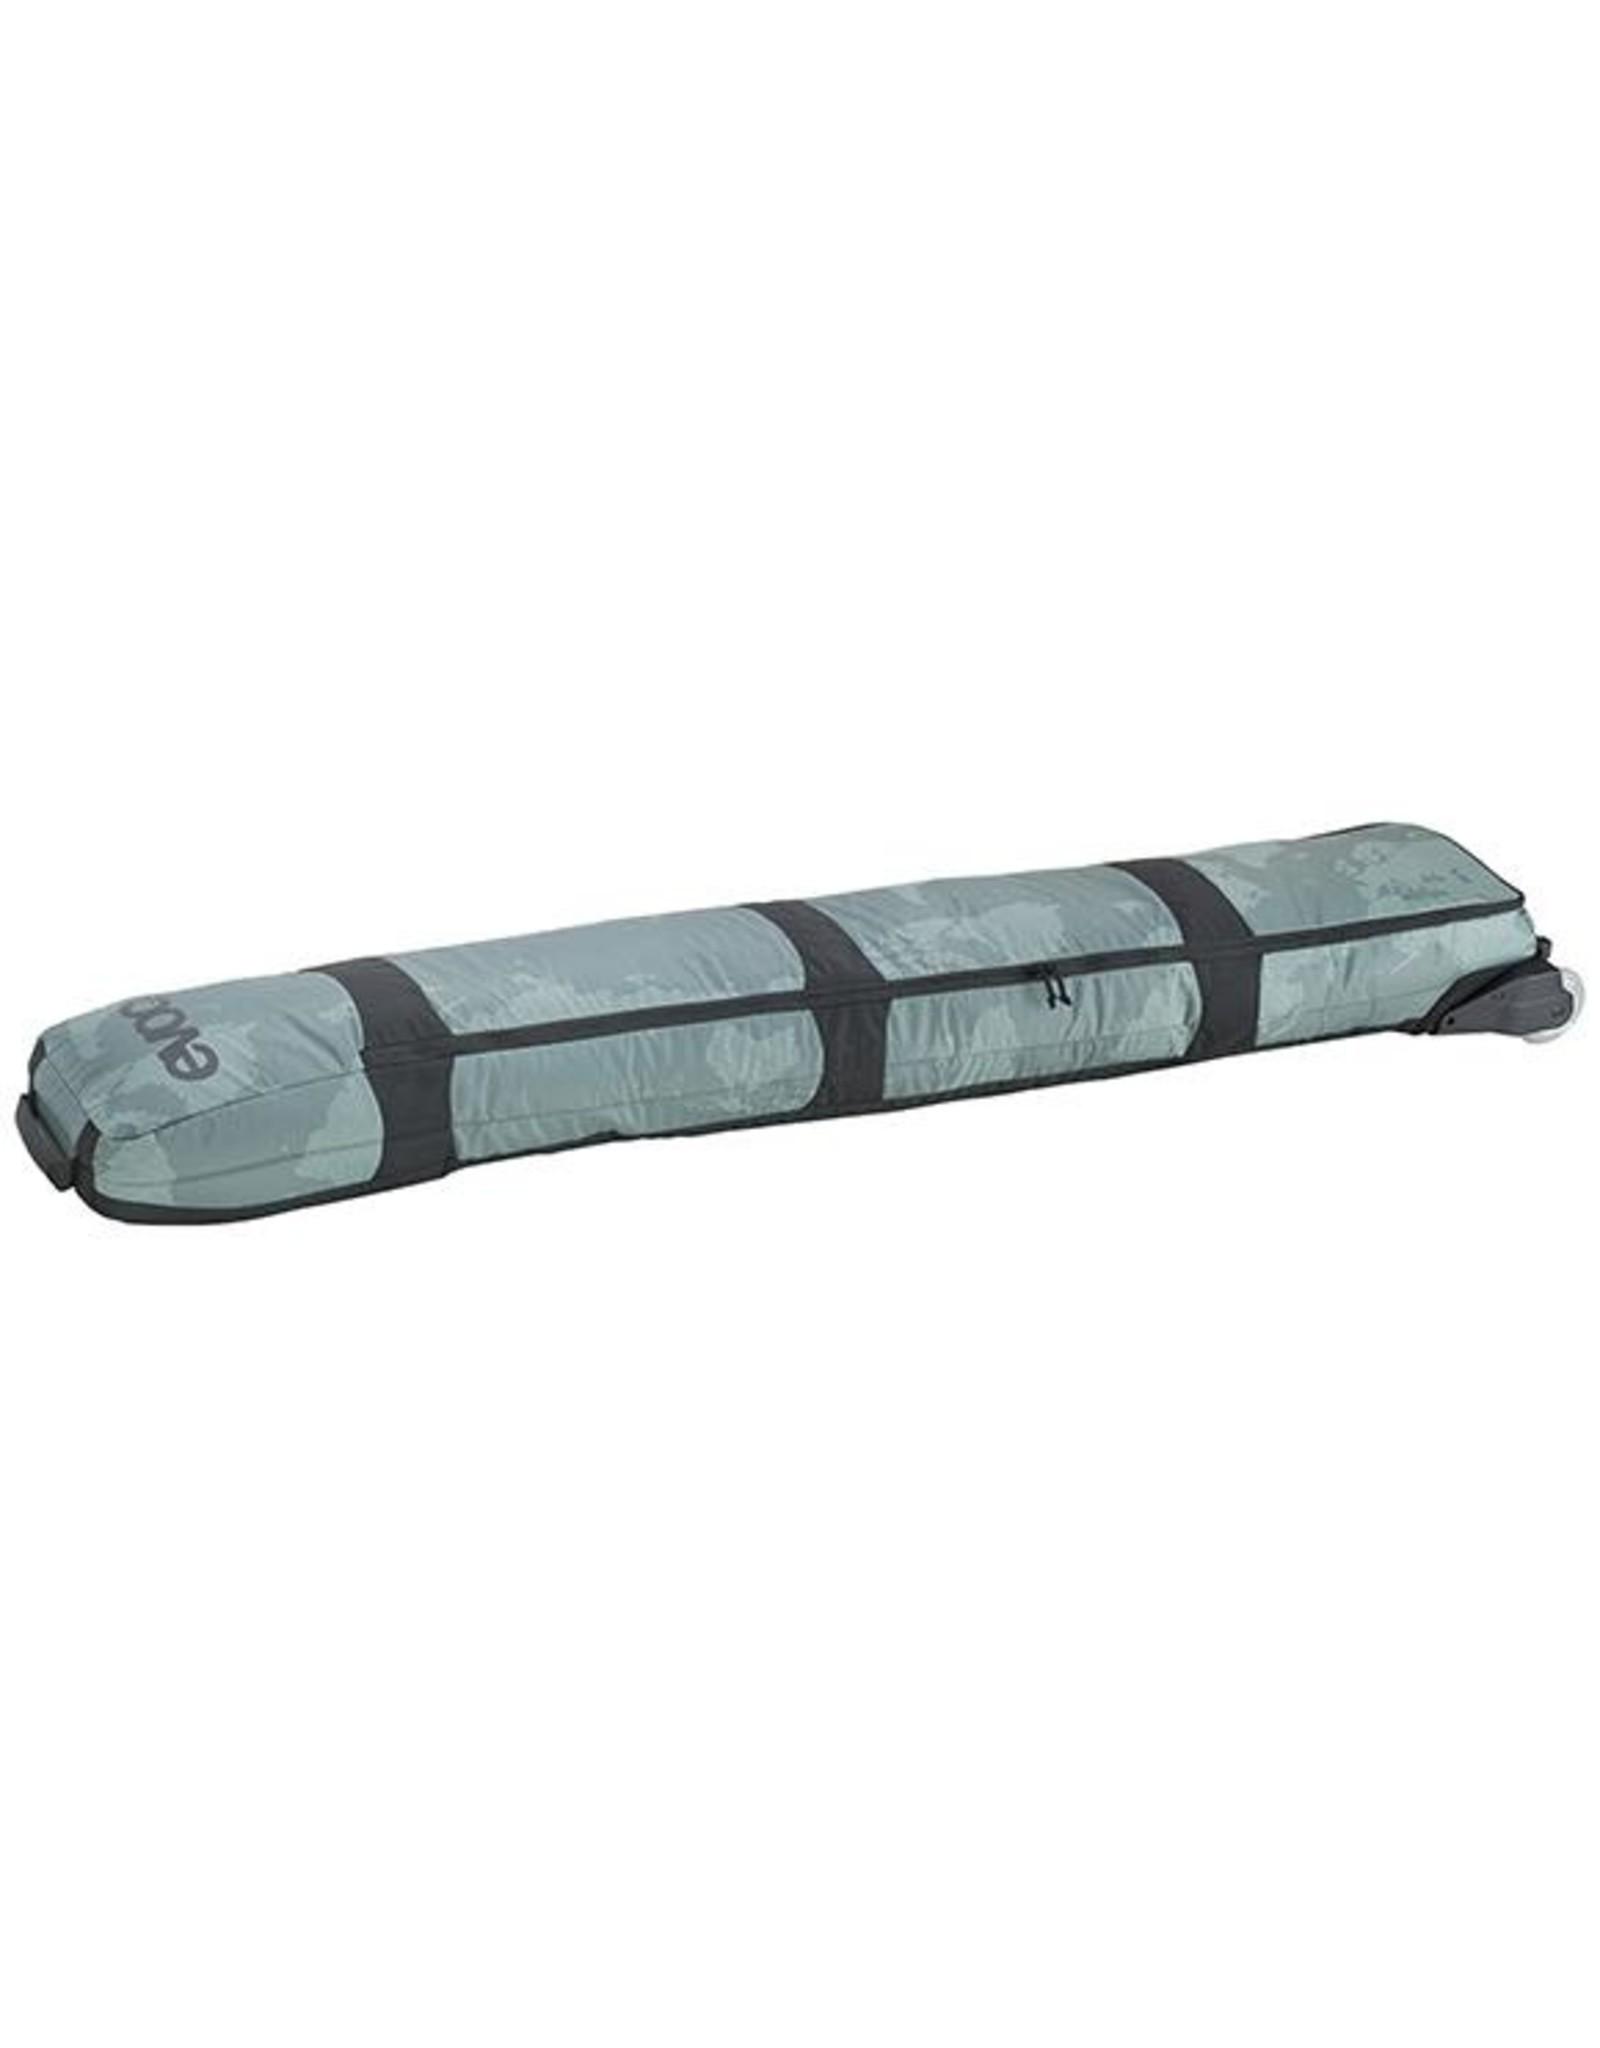 EVOC EVOC, Ski roller, Ski transport bag with wheels, Olive, L